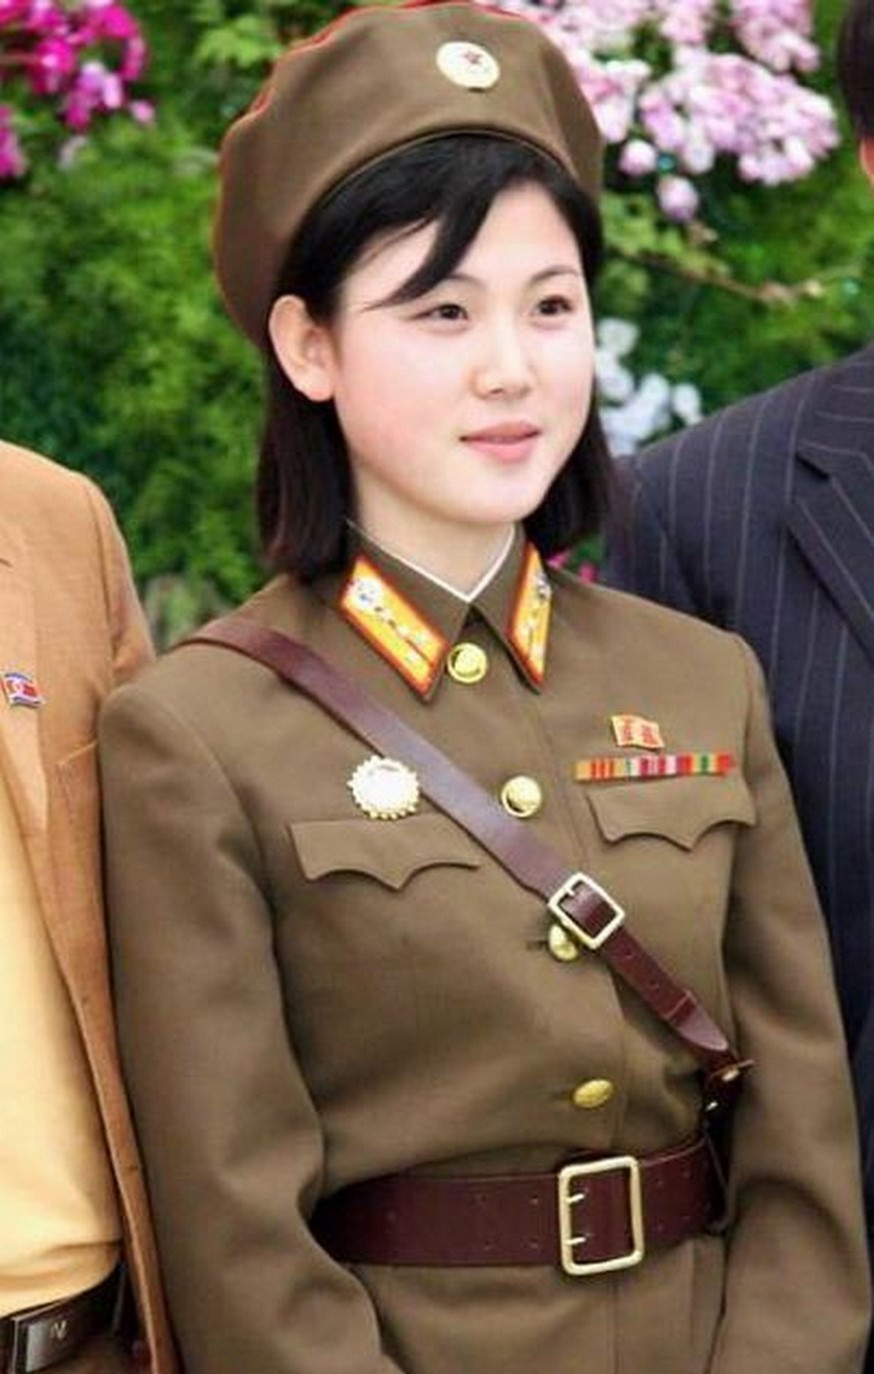 中国边境朝鲜偷渡美少女真实生活照片